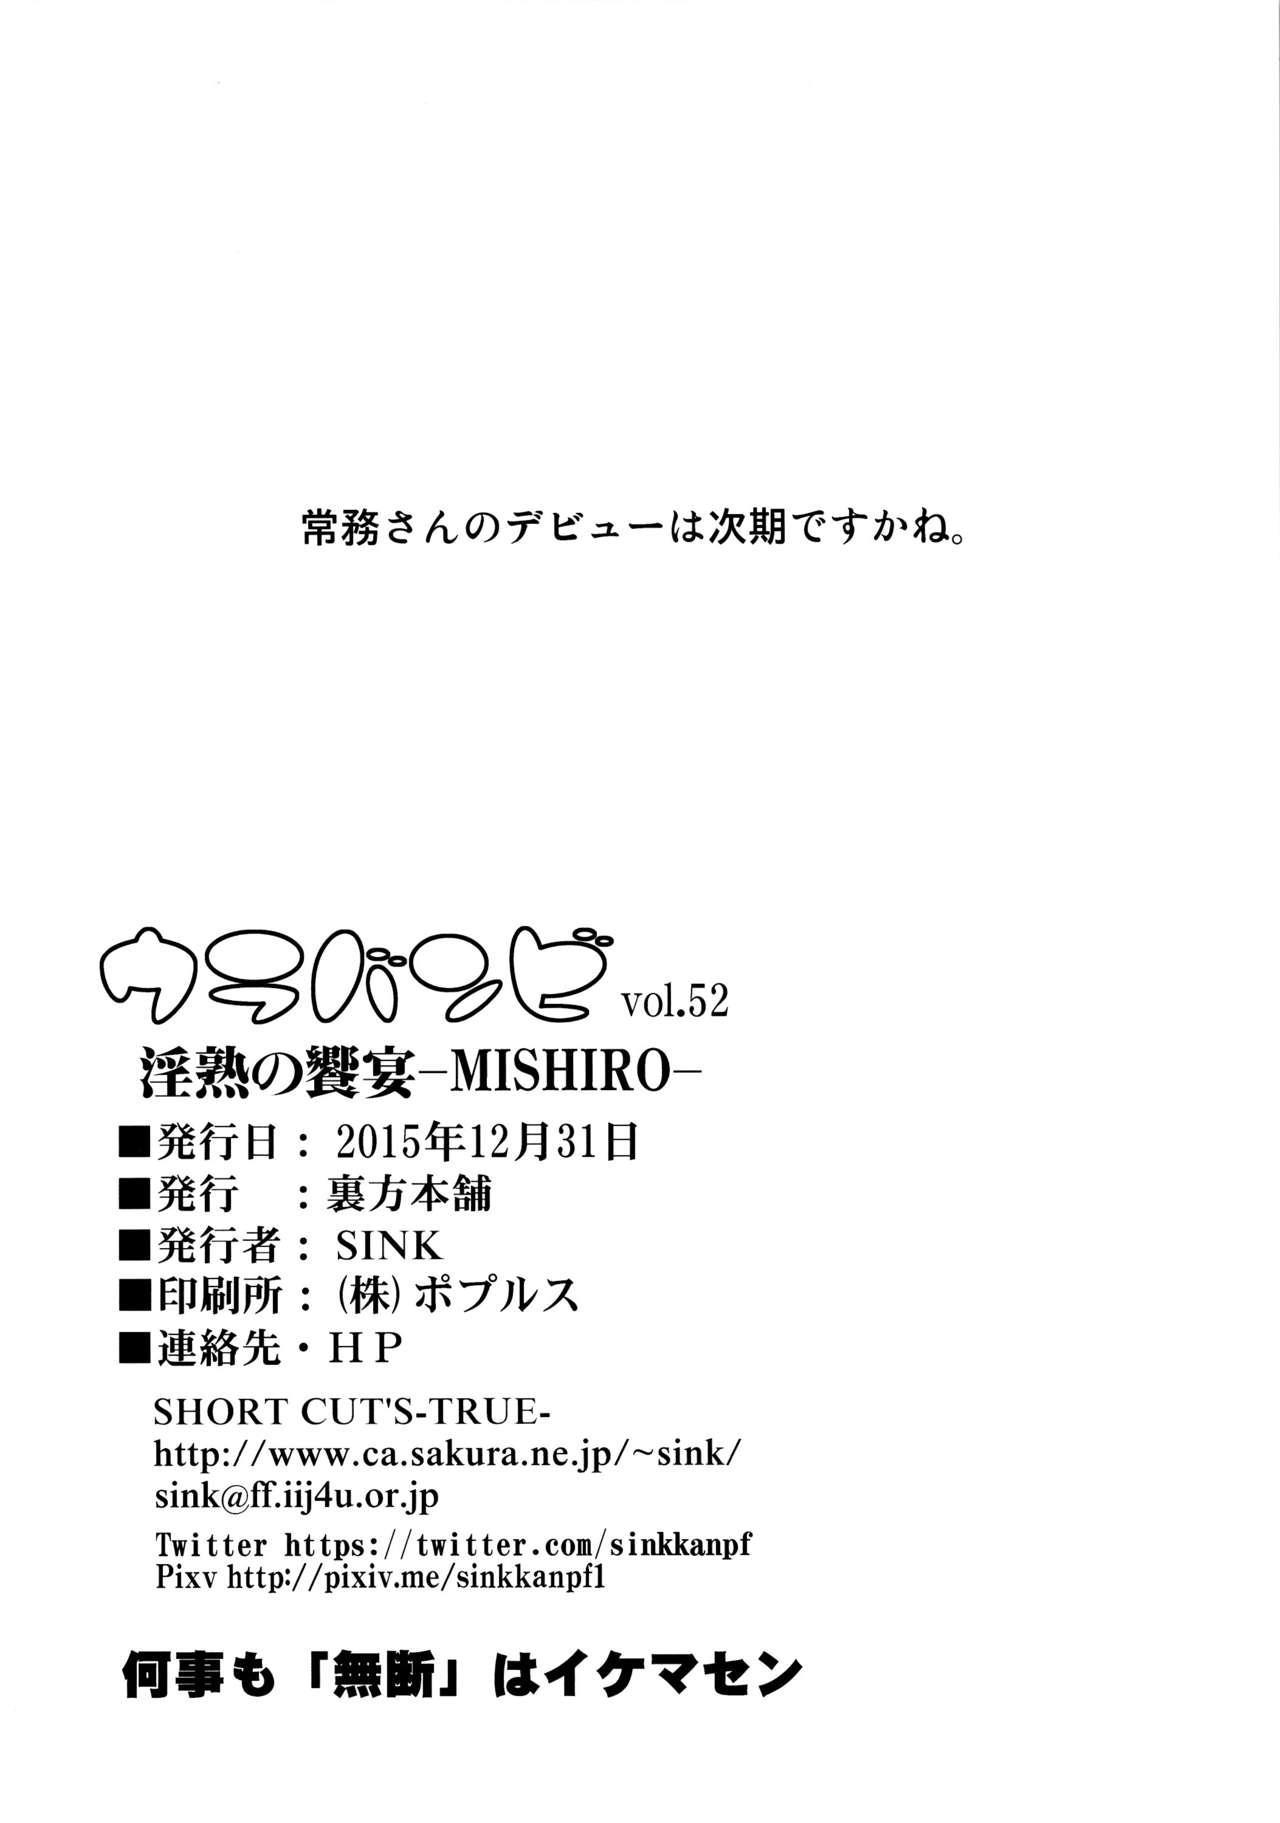 Urabambi 52 Injuku no Kyouen 24